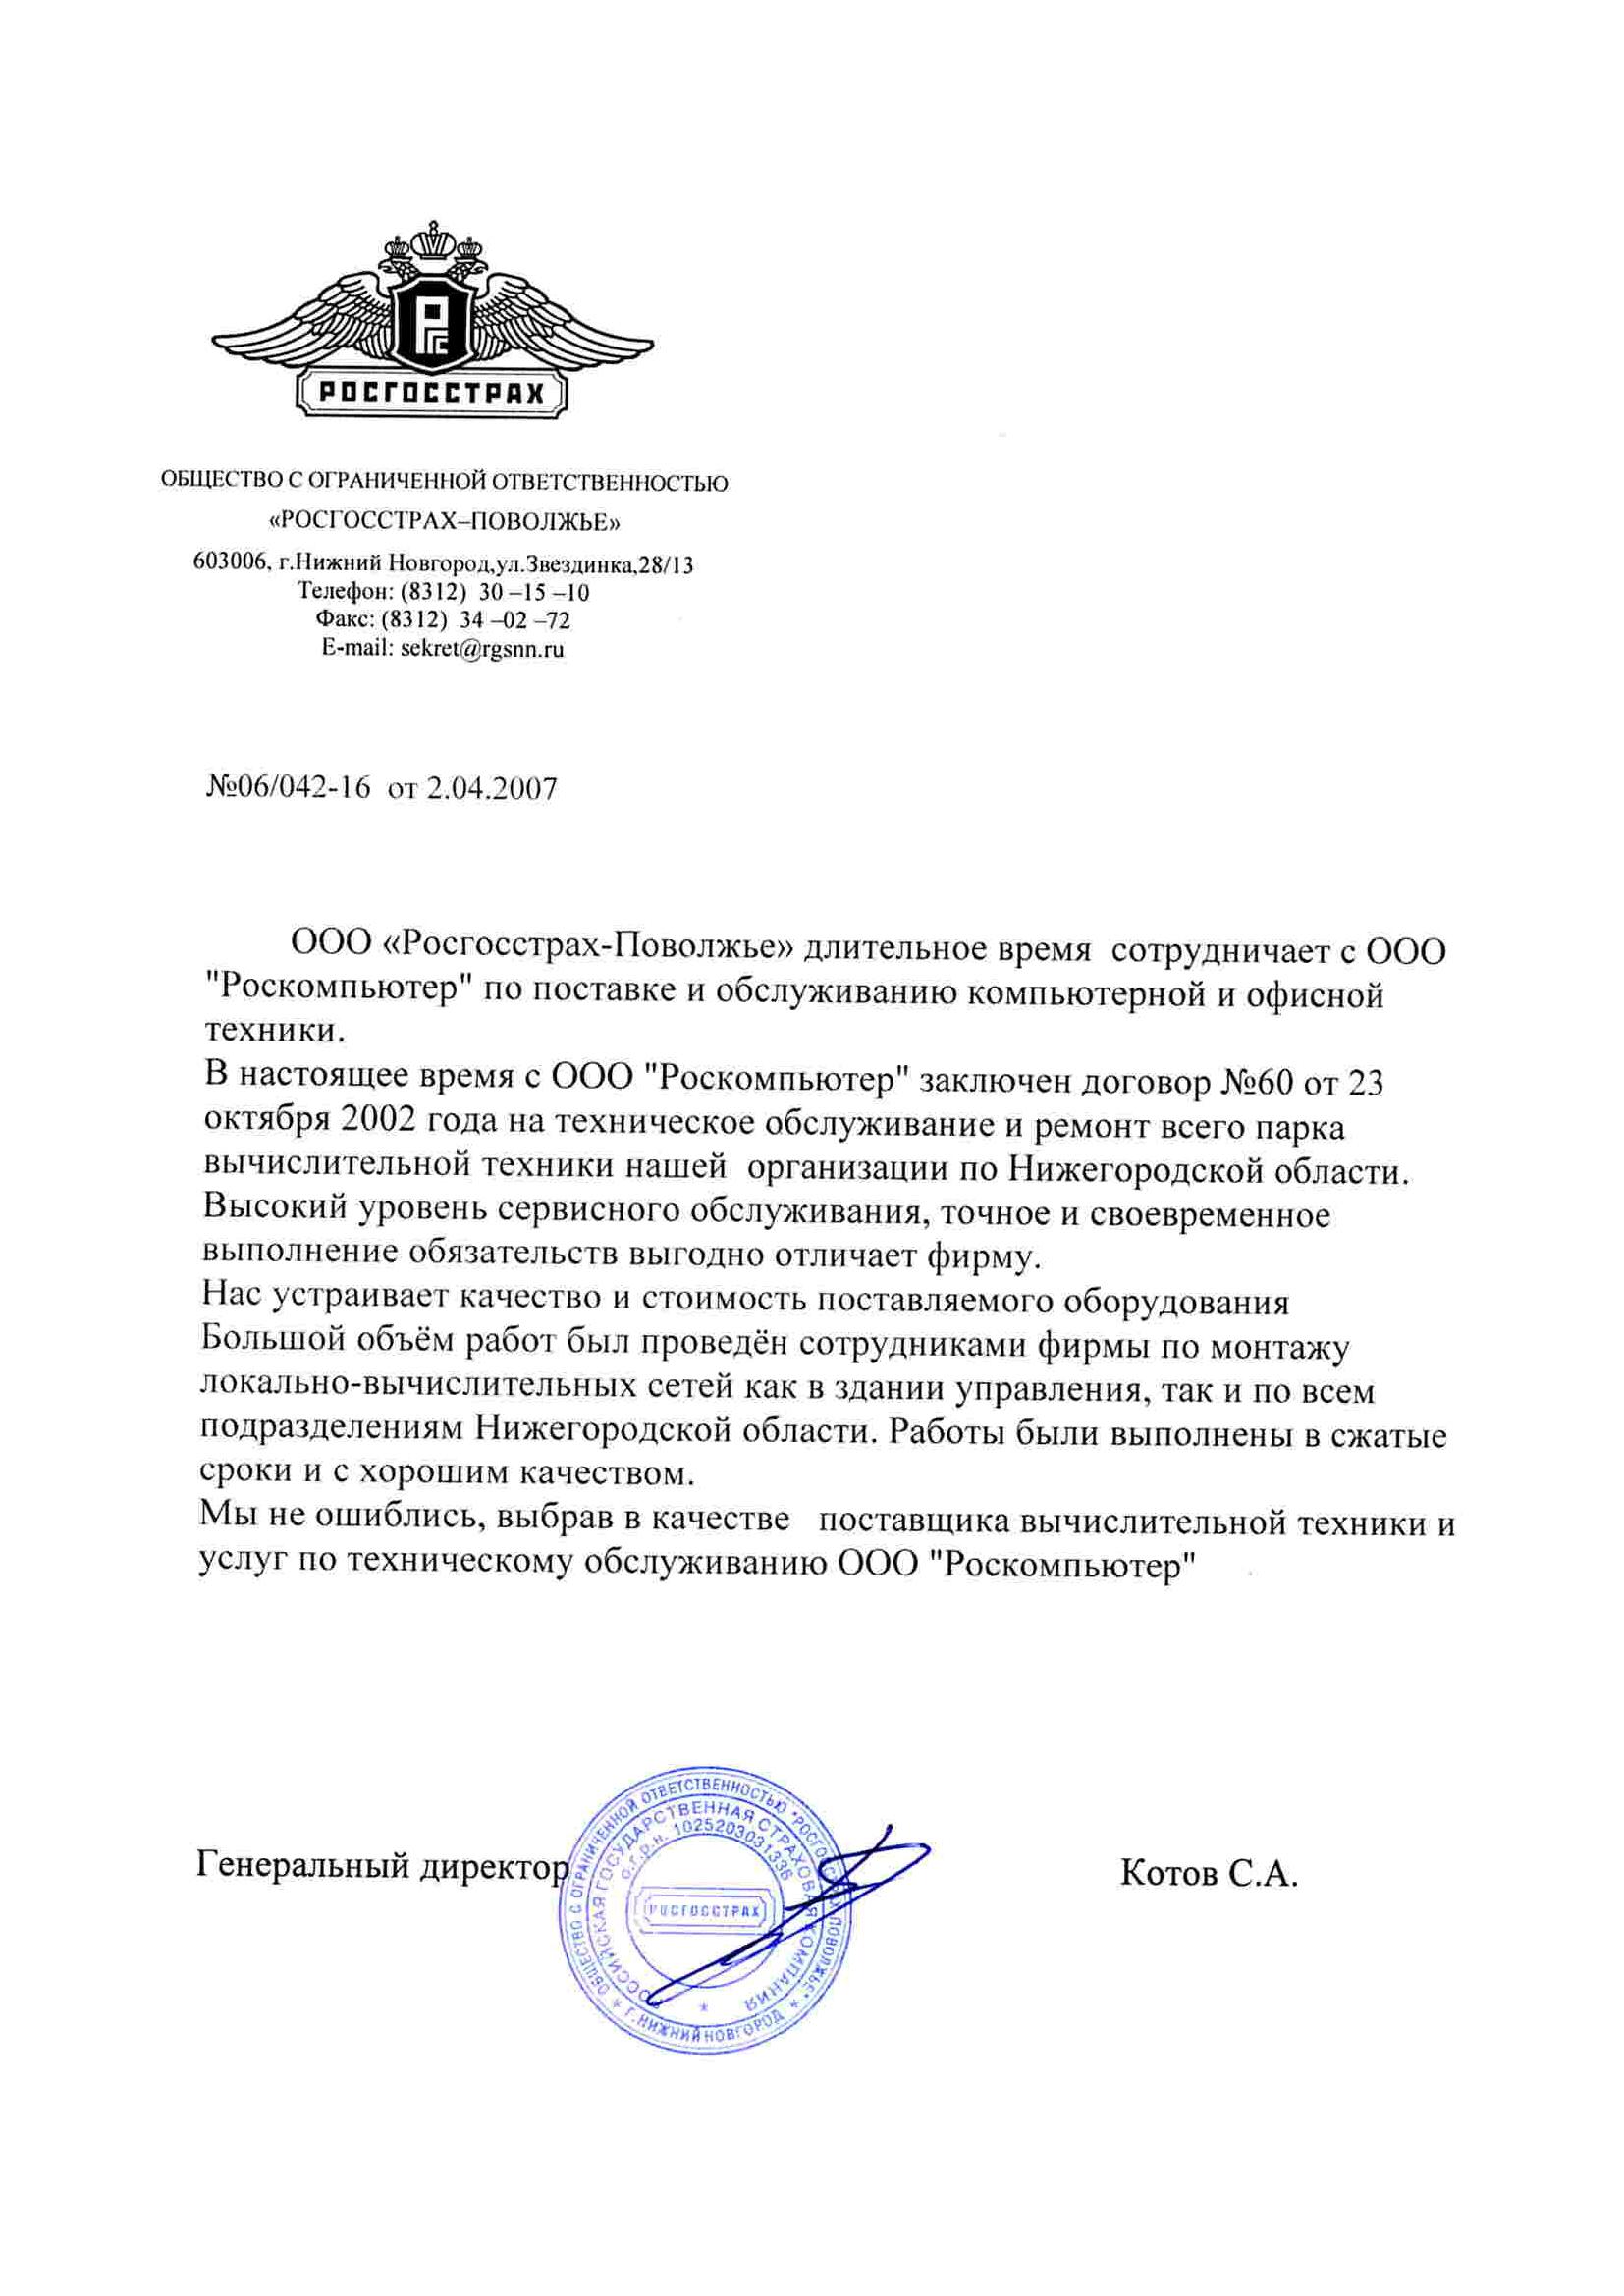 Росгосстрах заявление на осаго - d15de